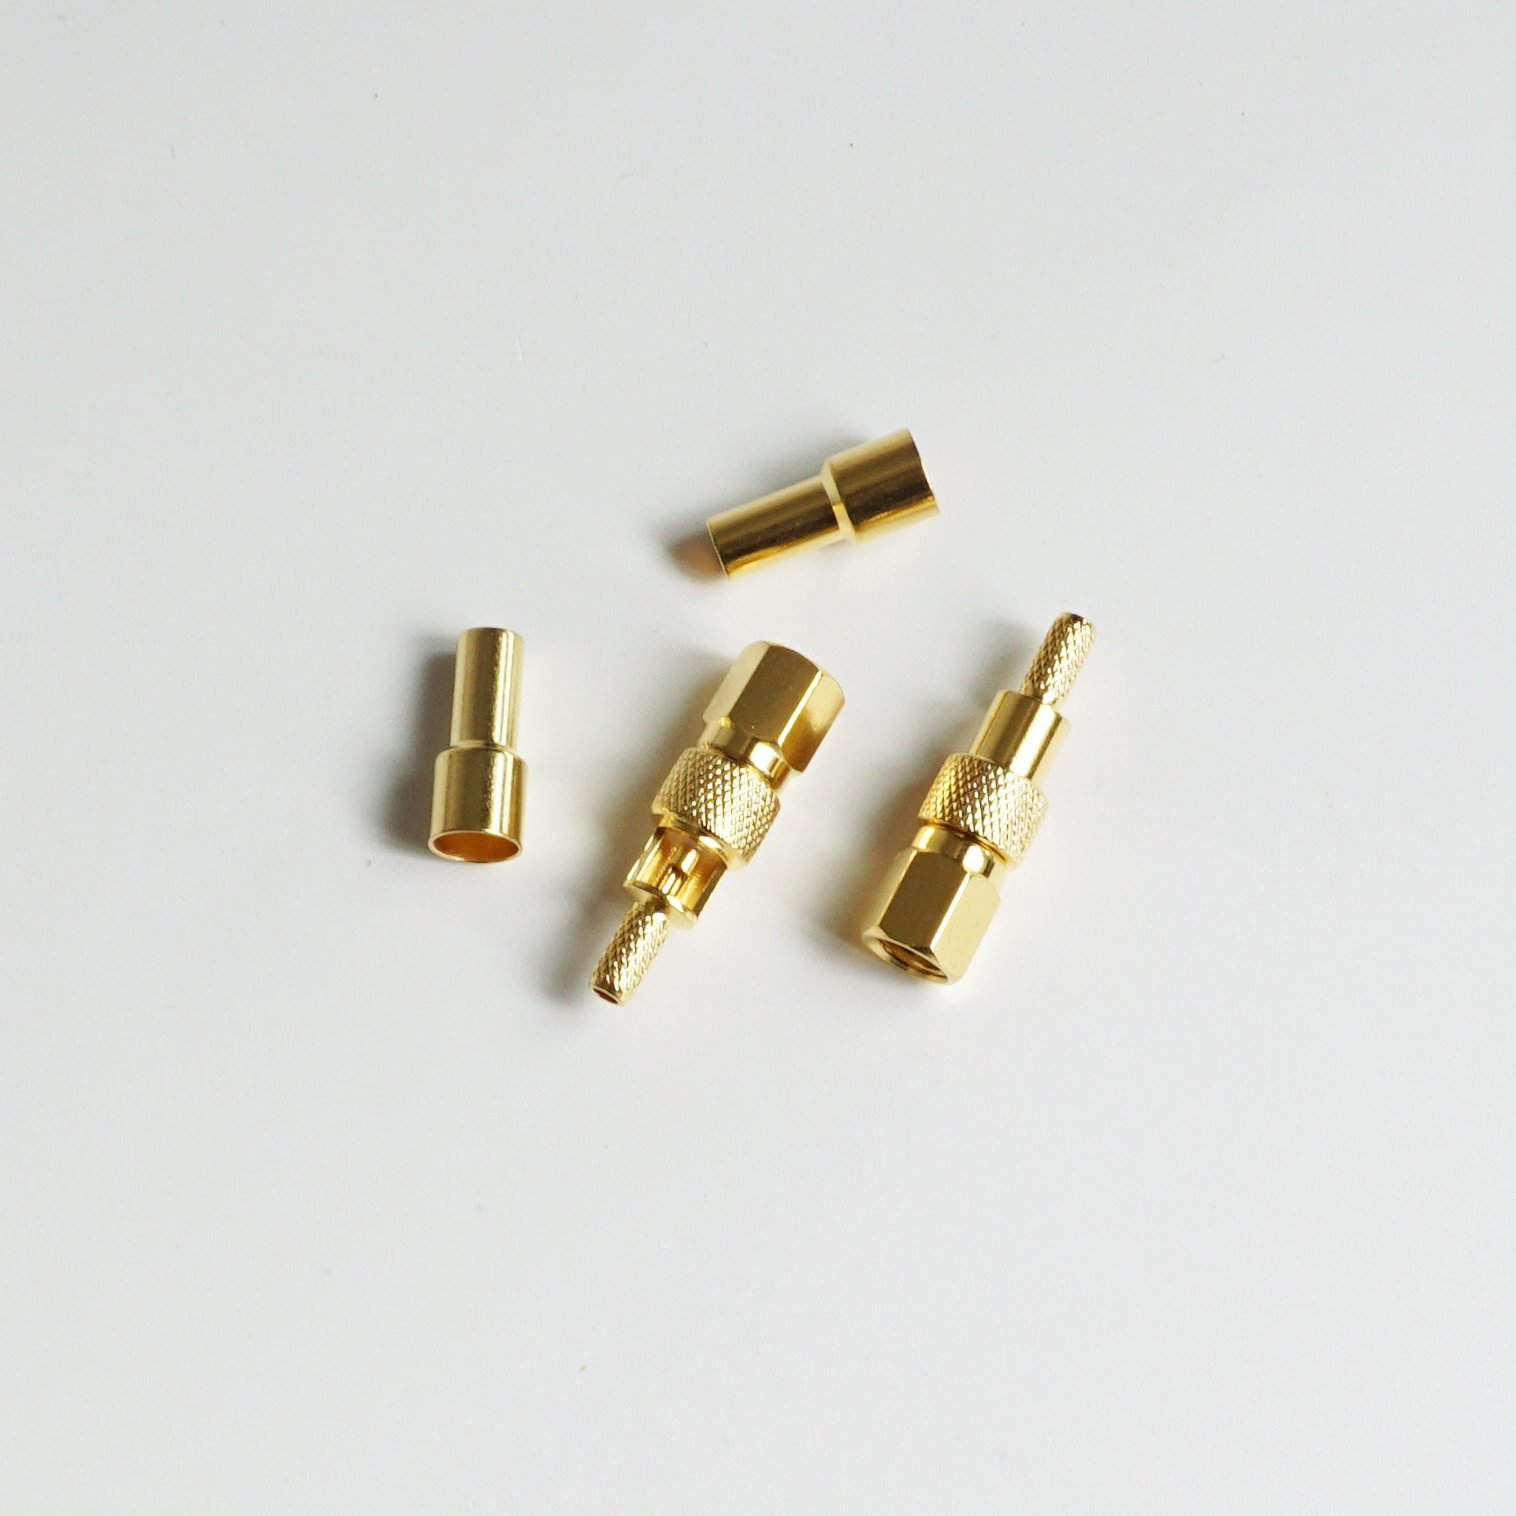 10 قطعة موصل SMC أنثى جاك تجعيد RG174 RG316 LMR100 كابل RF محوري مستقيم